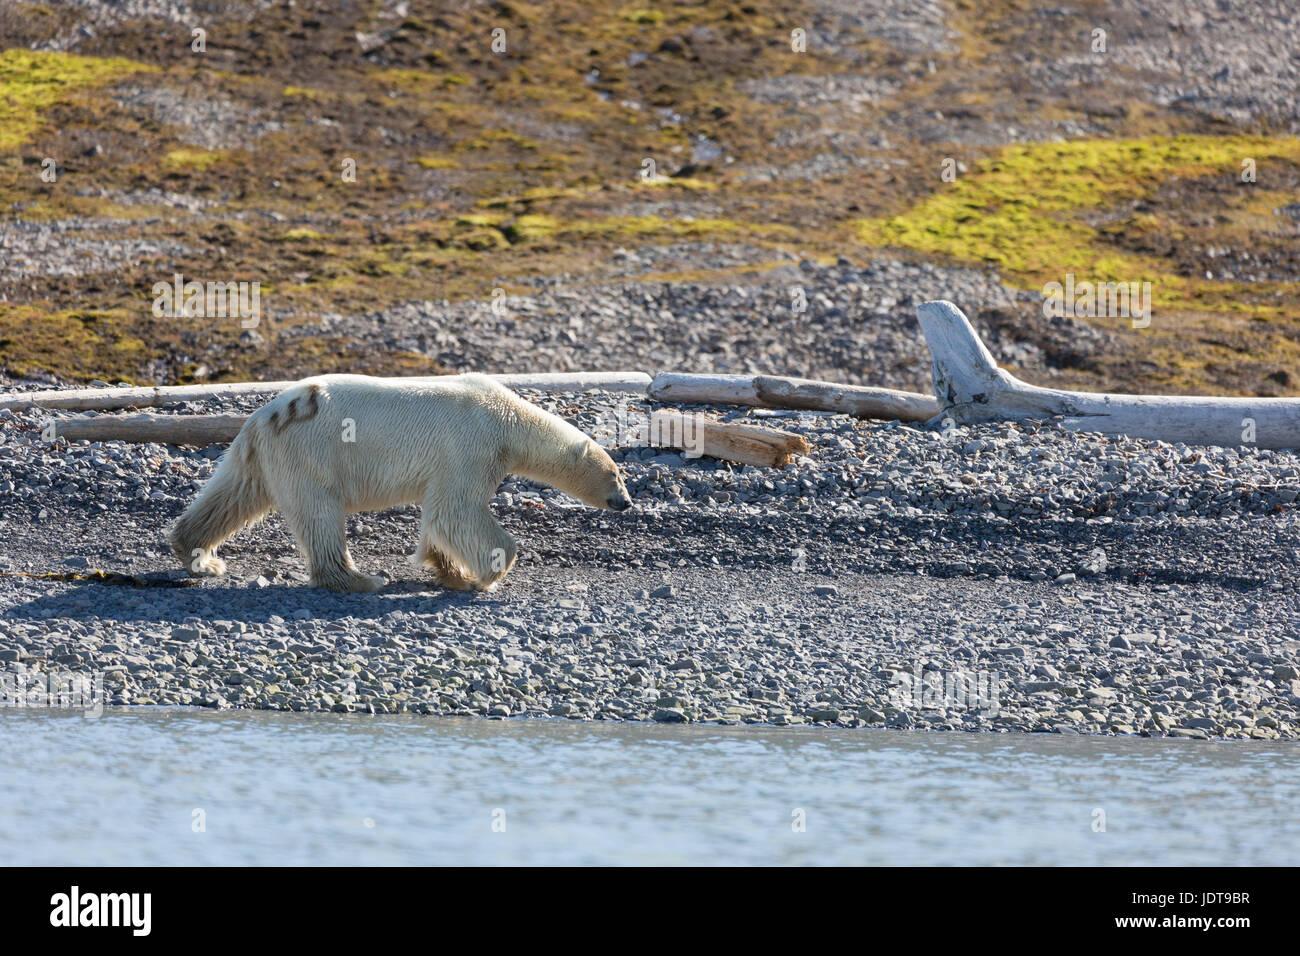 Ein Erwachsener Eisbär Spaziergänge entlang der Kiesstrand in Mushamna, Spitzbergen Stockbild